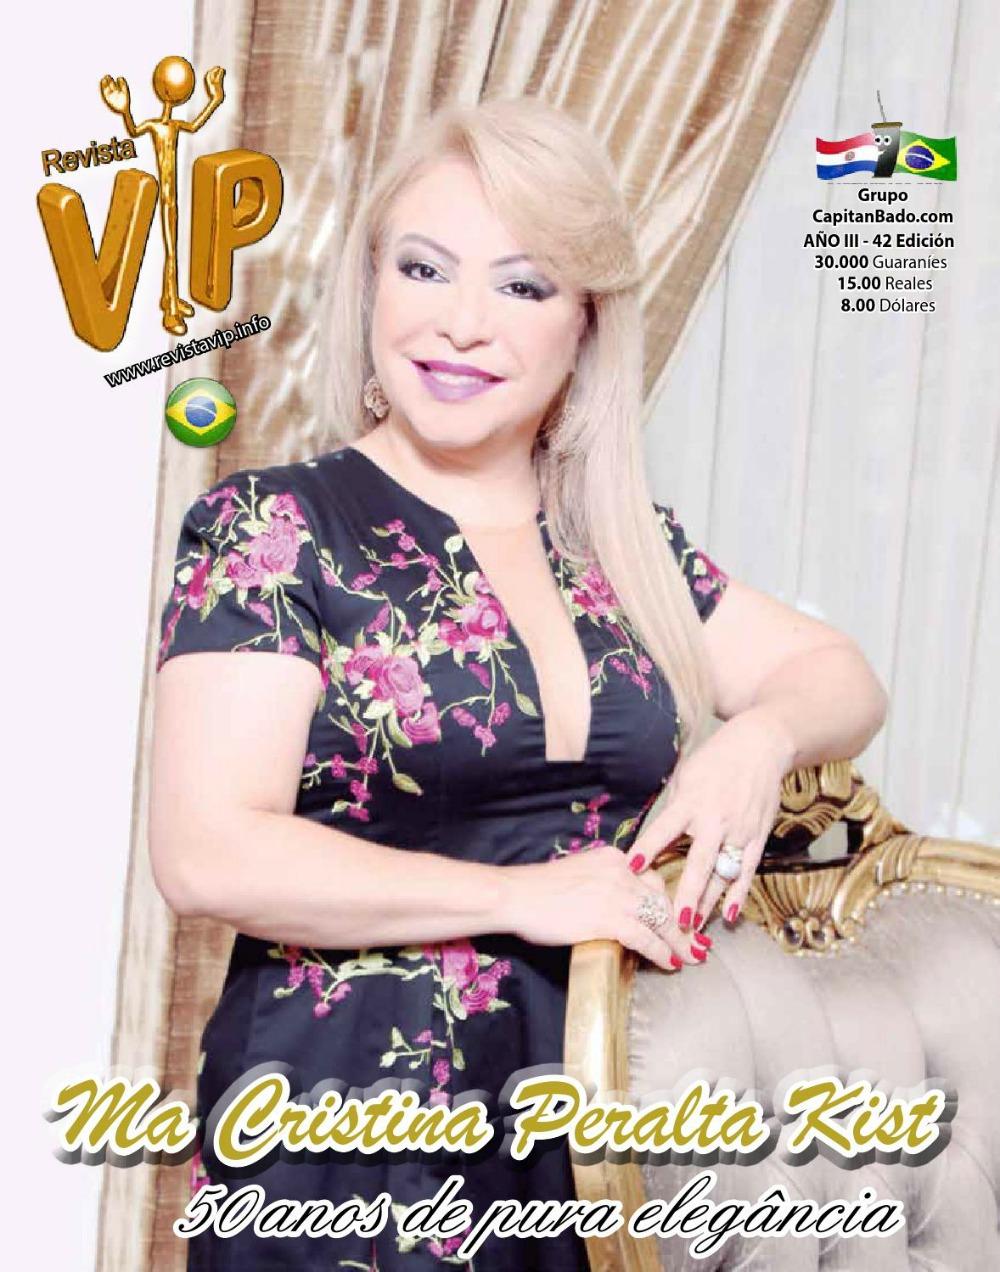 Vip 42 Brasil